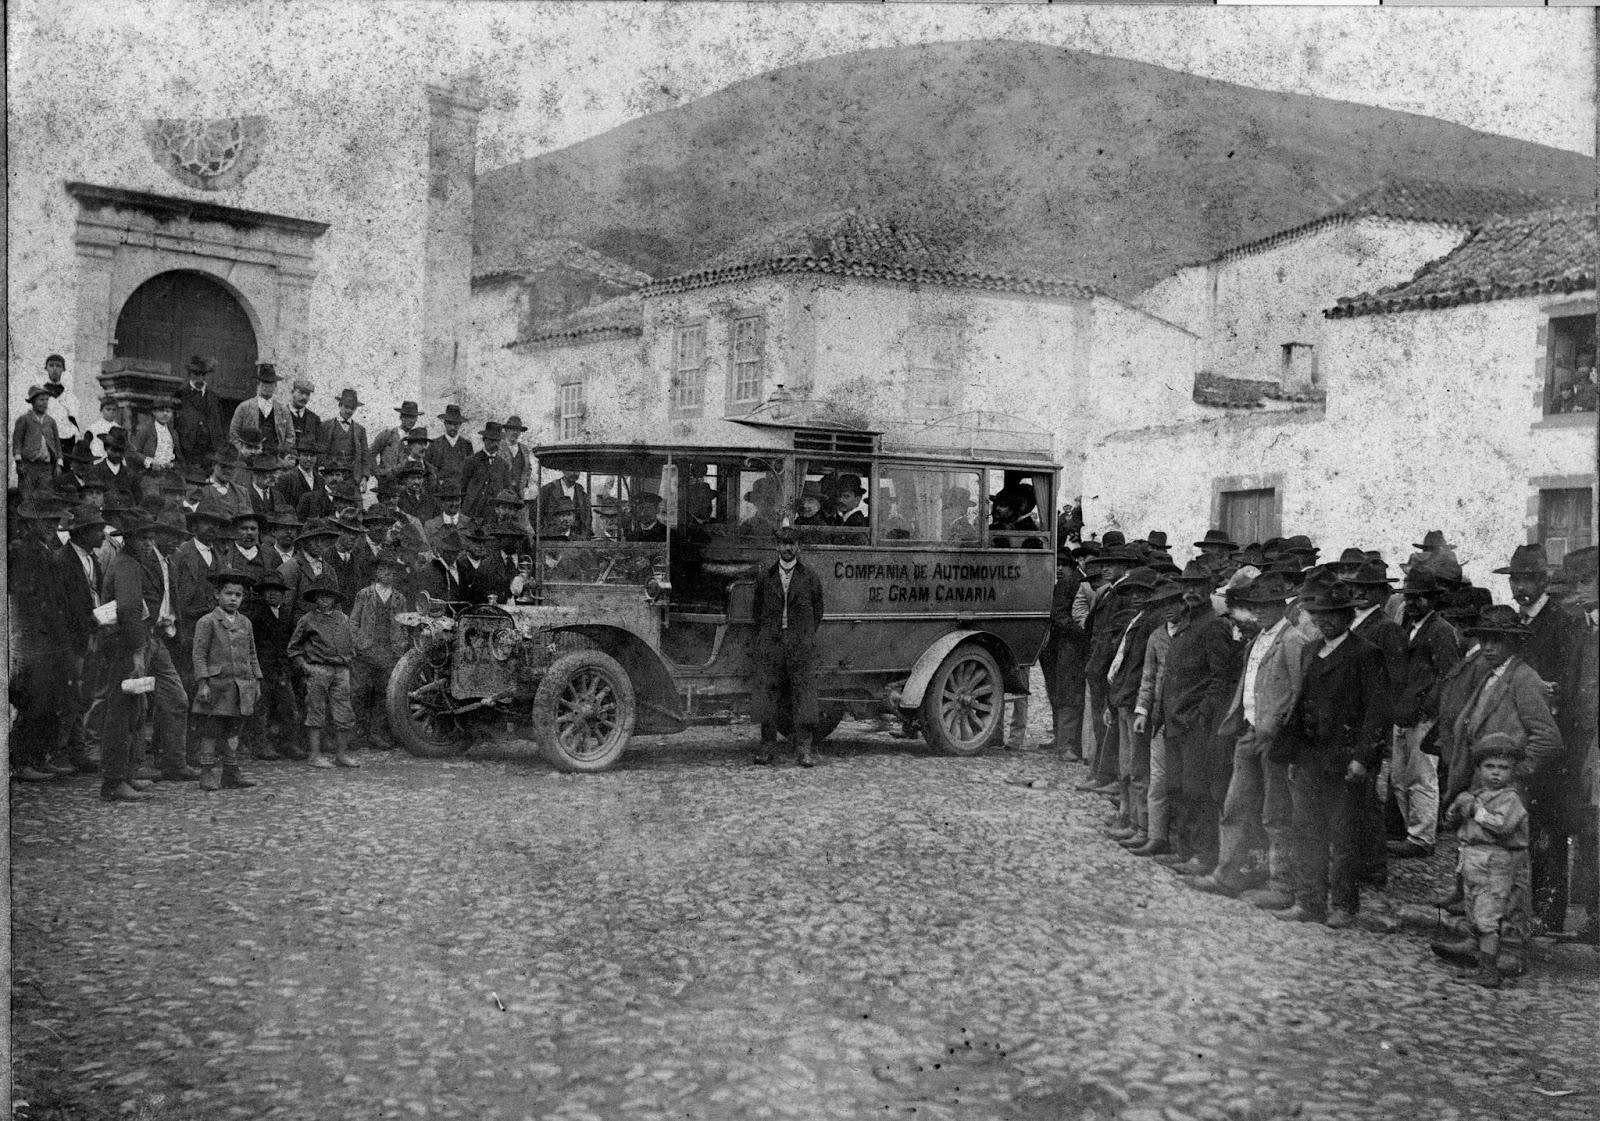 Imagen nº324, propiedad del archivo de fotografía histórica de LA FEDAC/CABILDO DE GRAN CANARIA. Realizada por D. Enrique Ponce en el año 1913.